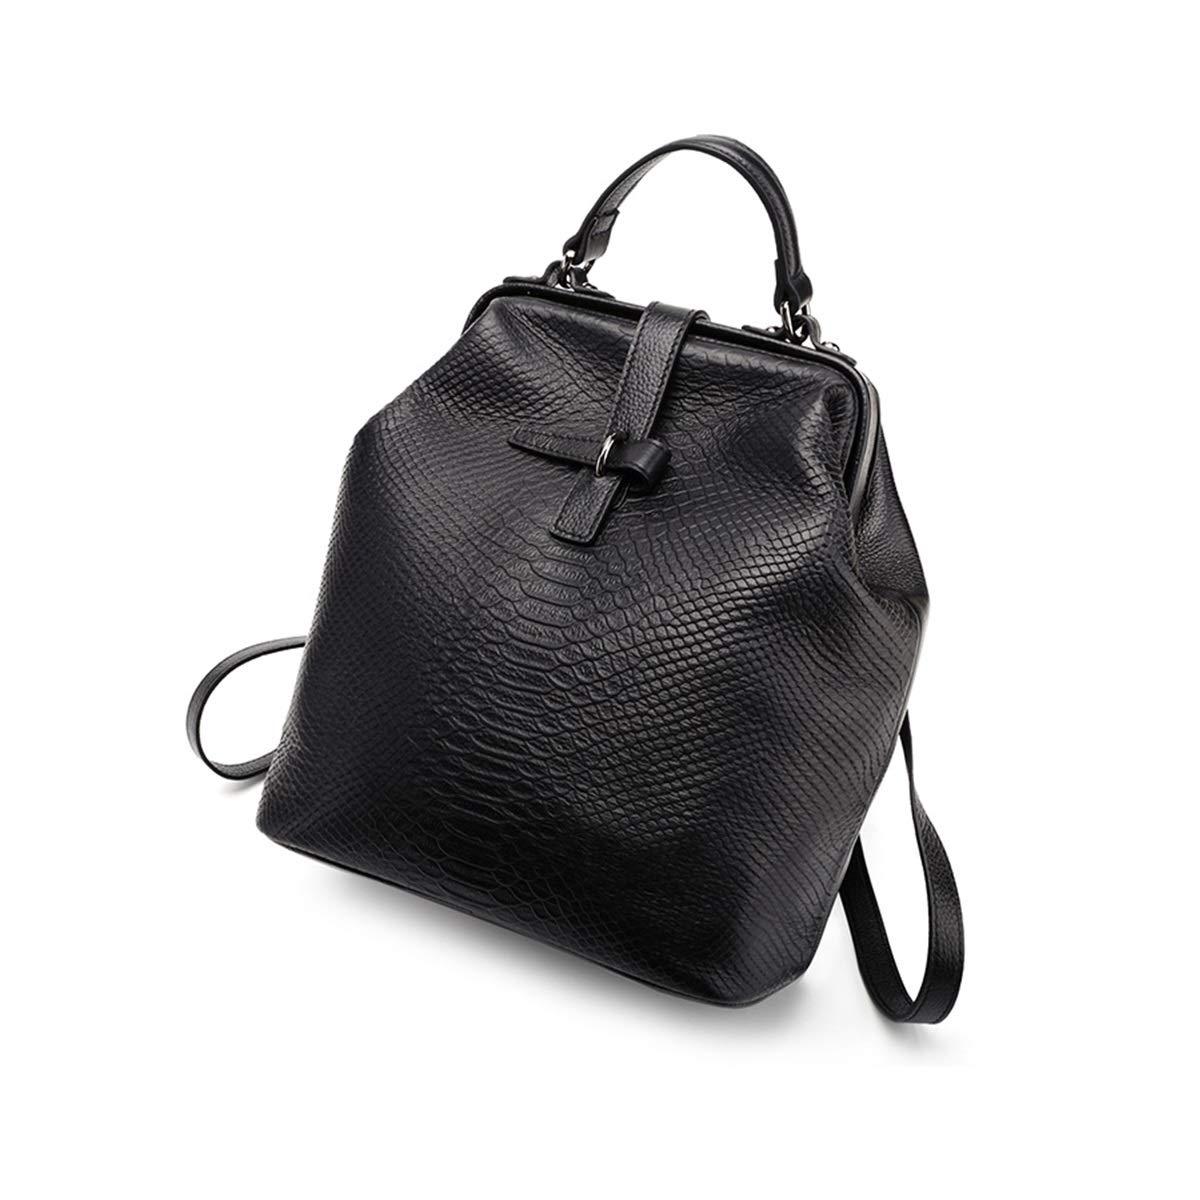 バックパック女性革製のハンドバッグ野生の大容量の女性のバックパック革旅行バッグの新しい韓国語版 (Color : Black) B07RRMBWR3 Black